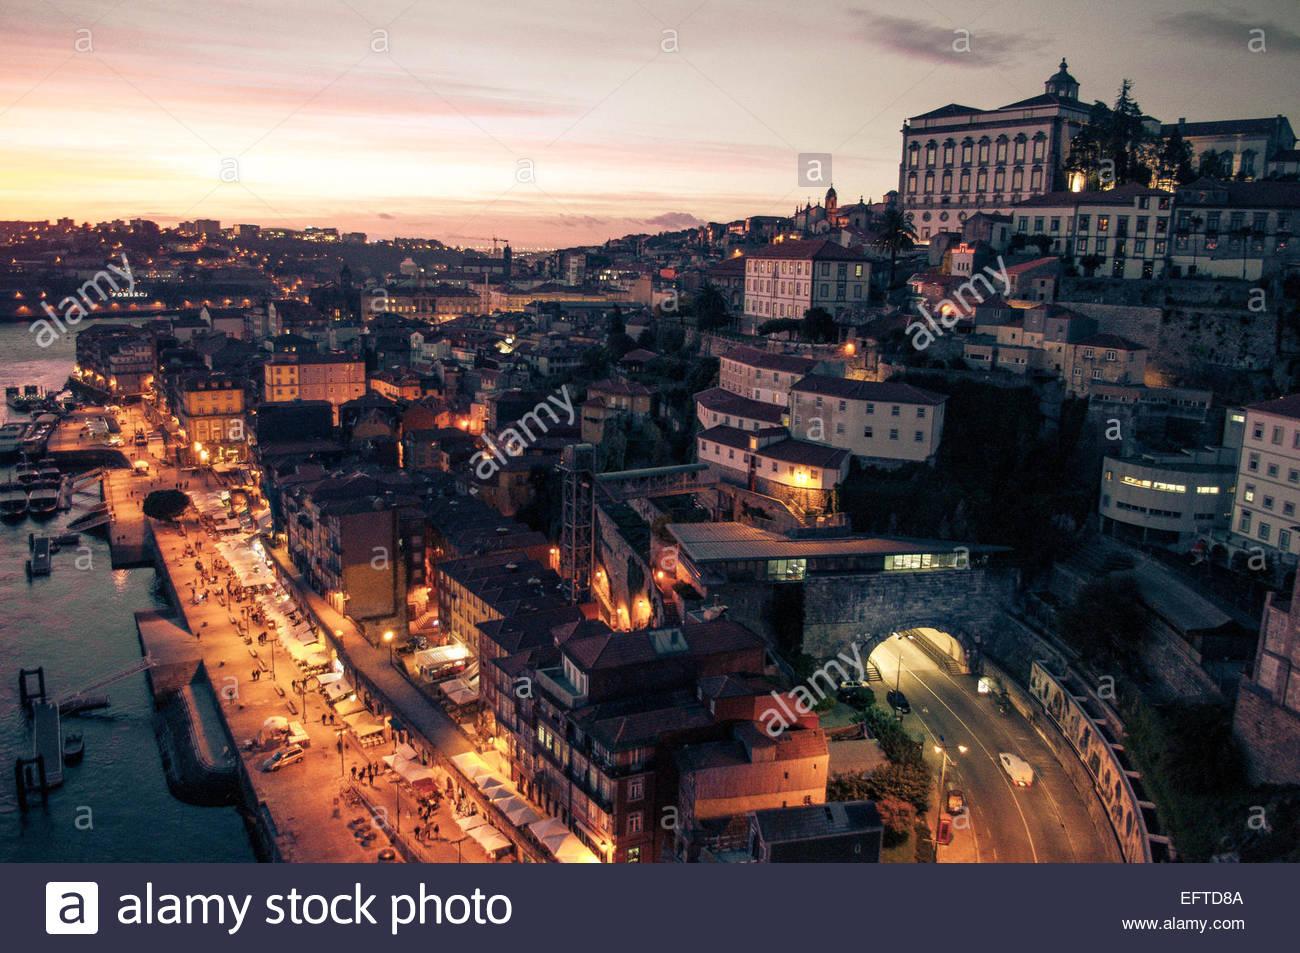 Illuminated riverfront cityscape - Stock Image